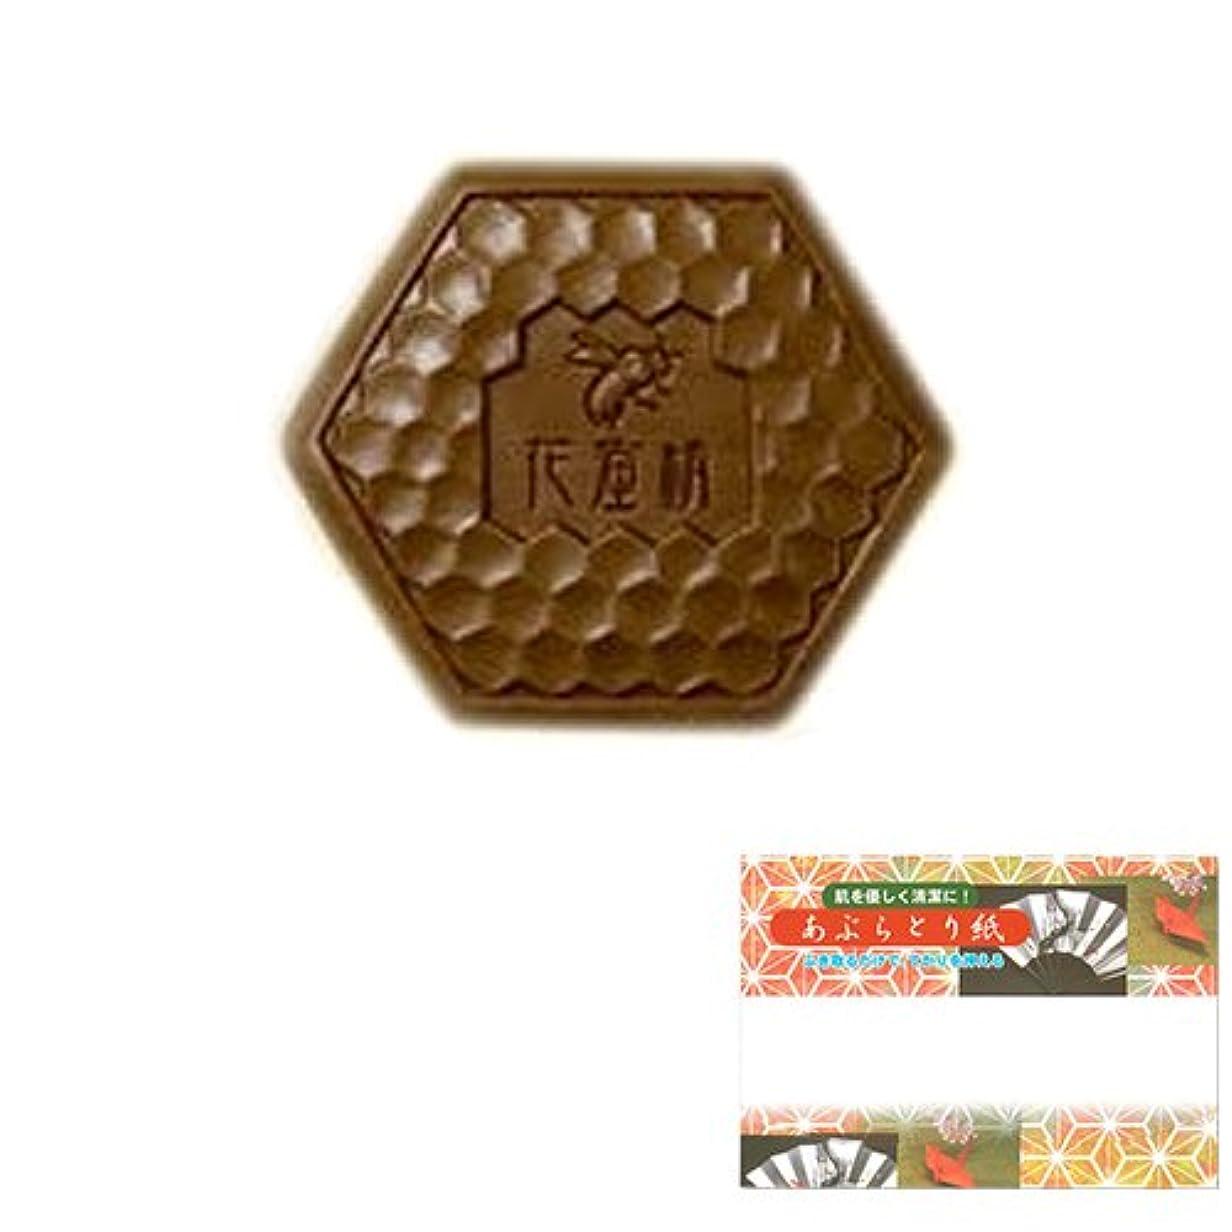 モーション弱まる領収書フェニックス 花蜜精(かみつせい) はちみつ クレンジングソープ 1個 + 高級あぶらとり紙セット